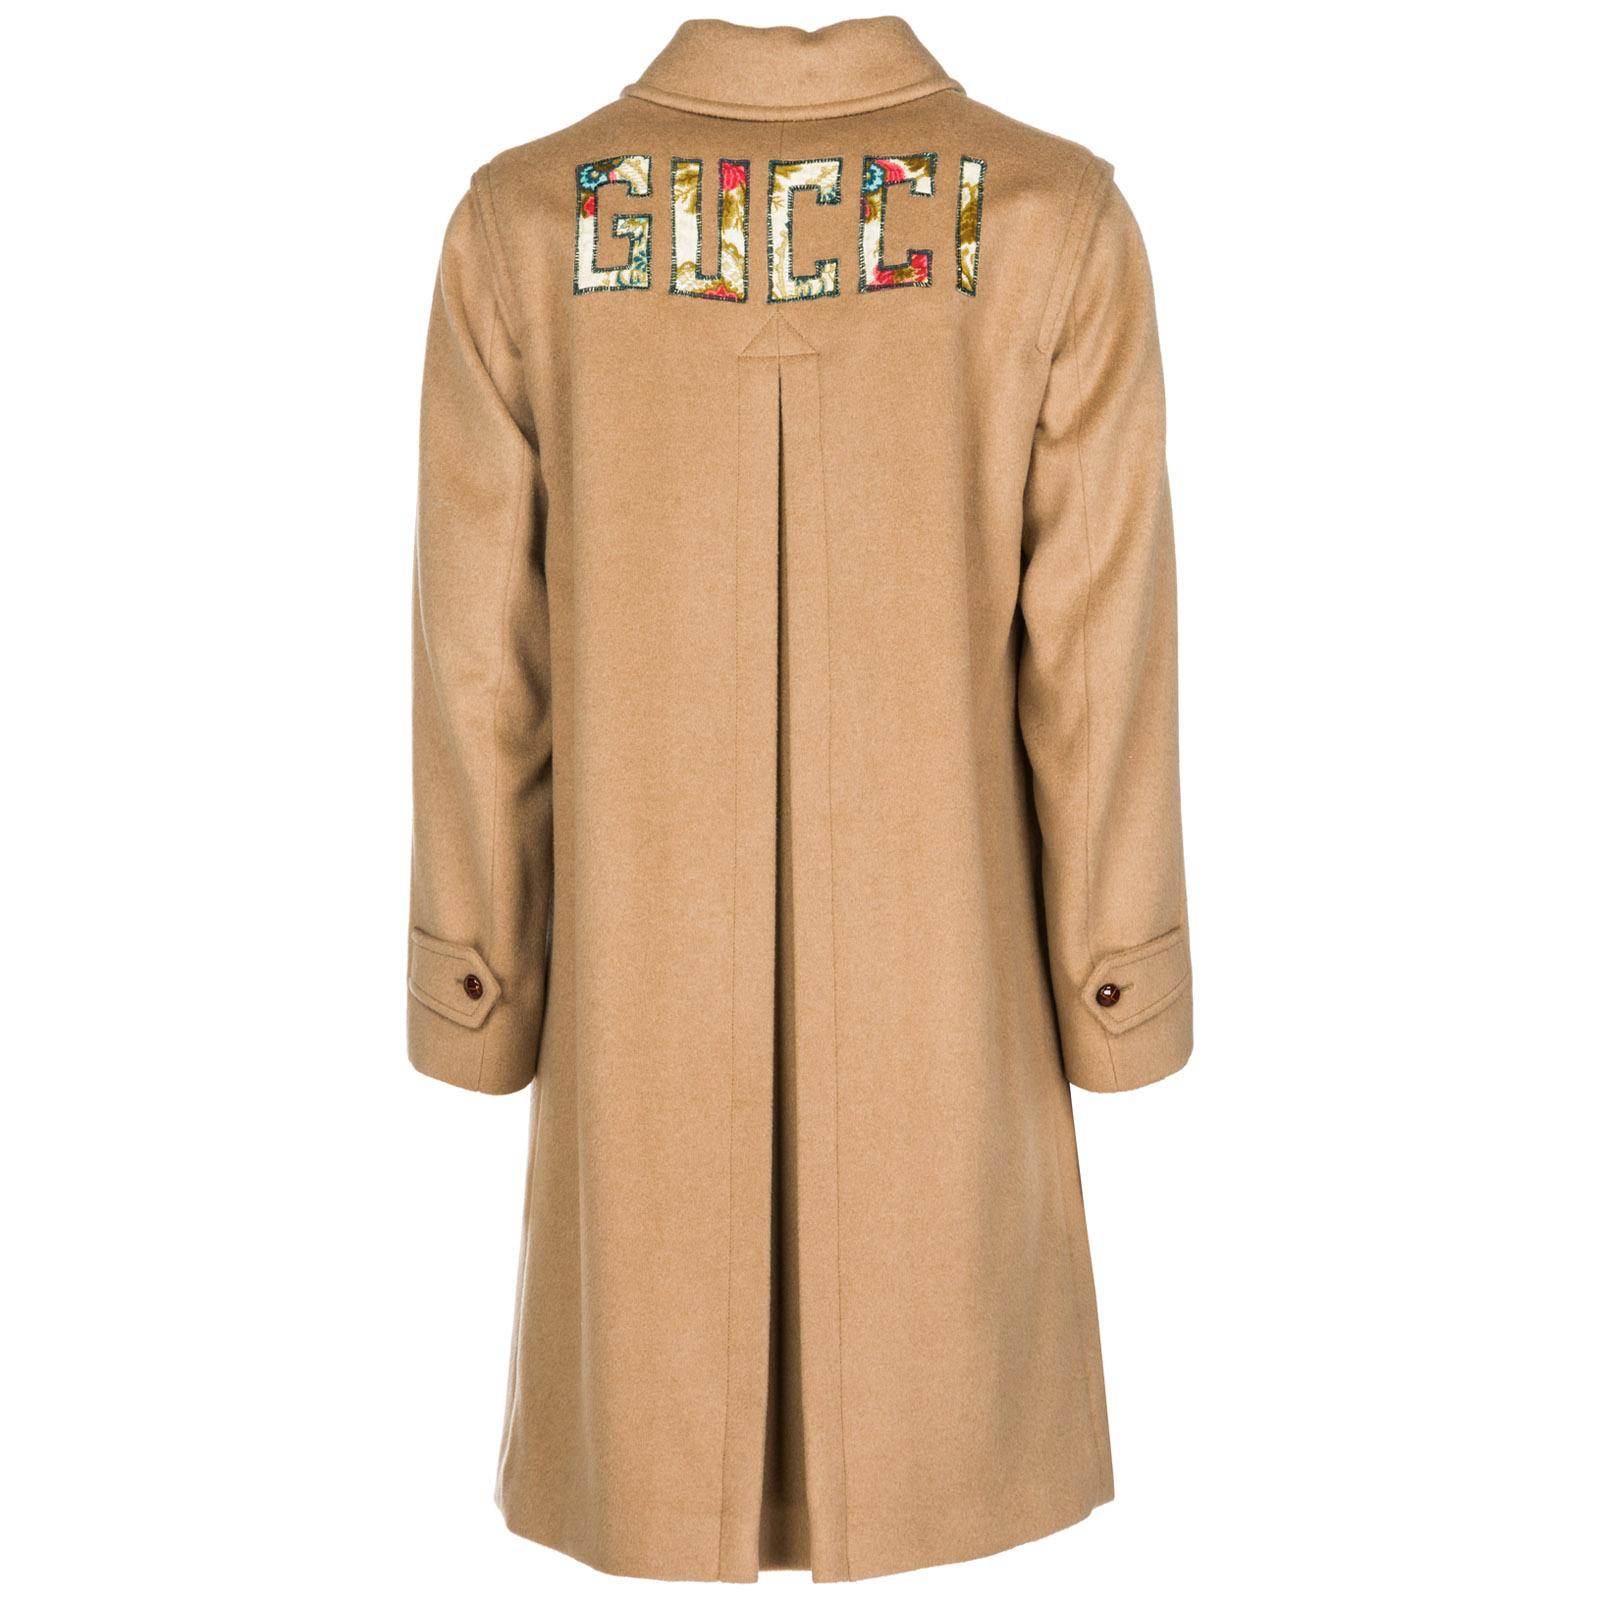 Men's coat overcoat in lana